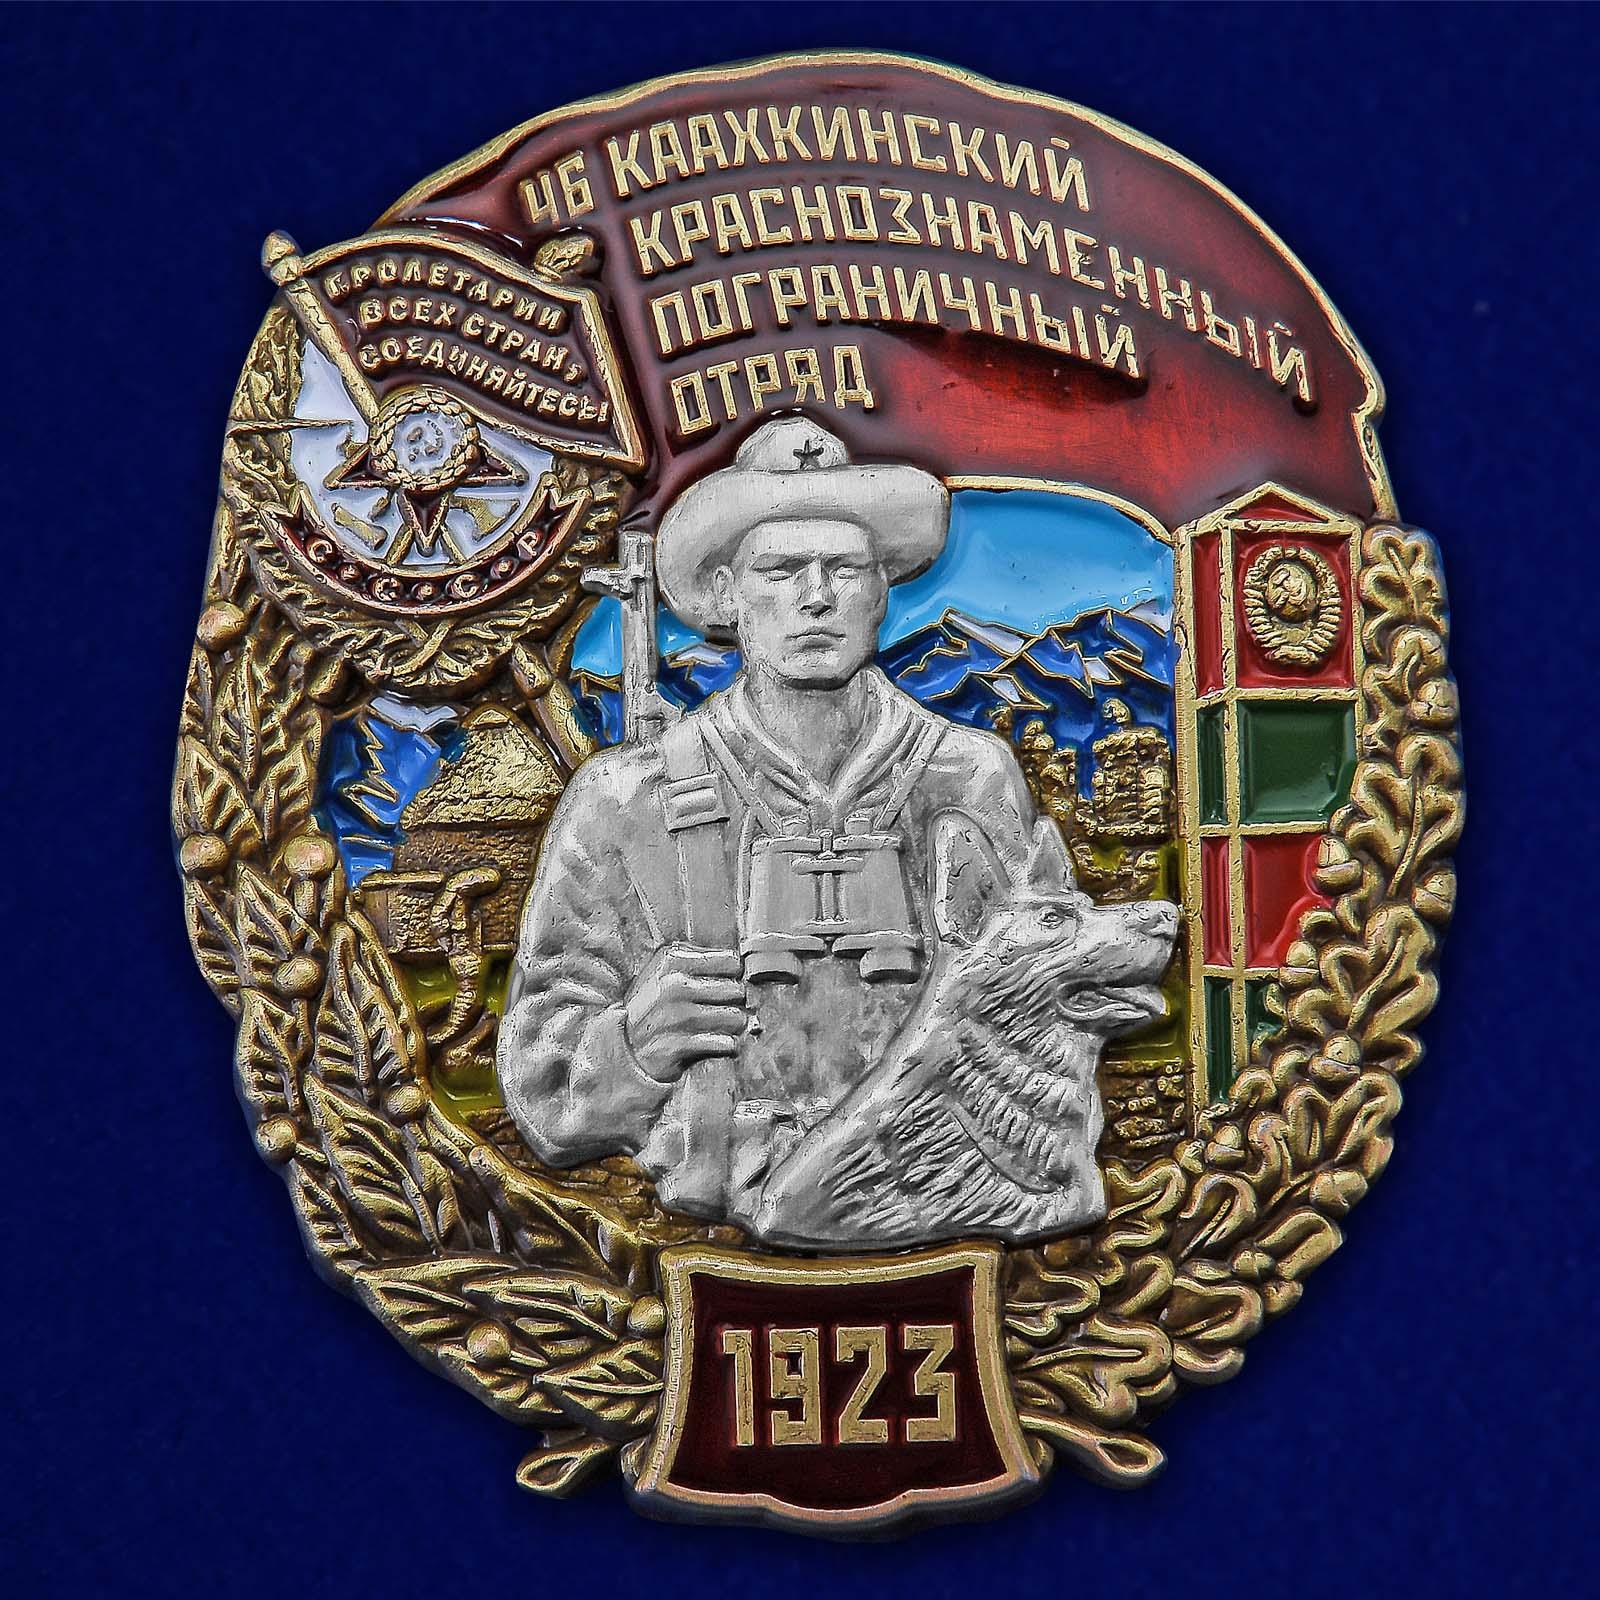 """Знак """"46 Каахкинский Краснознамённый пограничный отряд"""""""